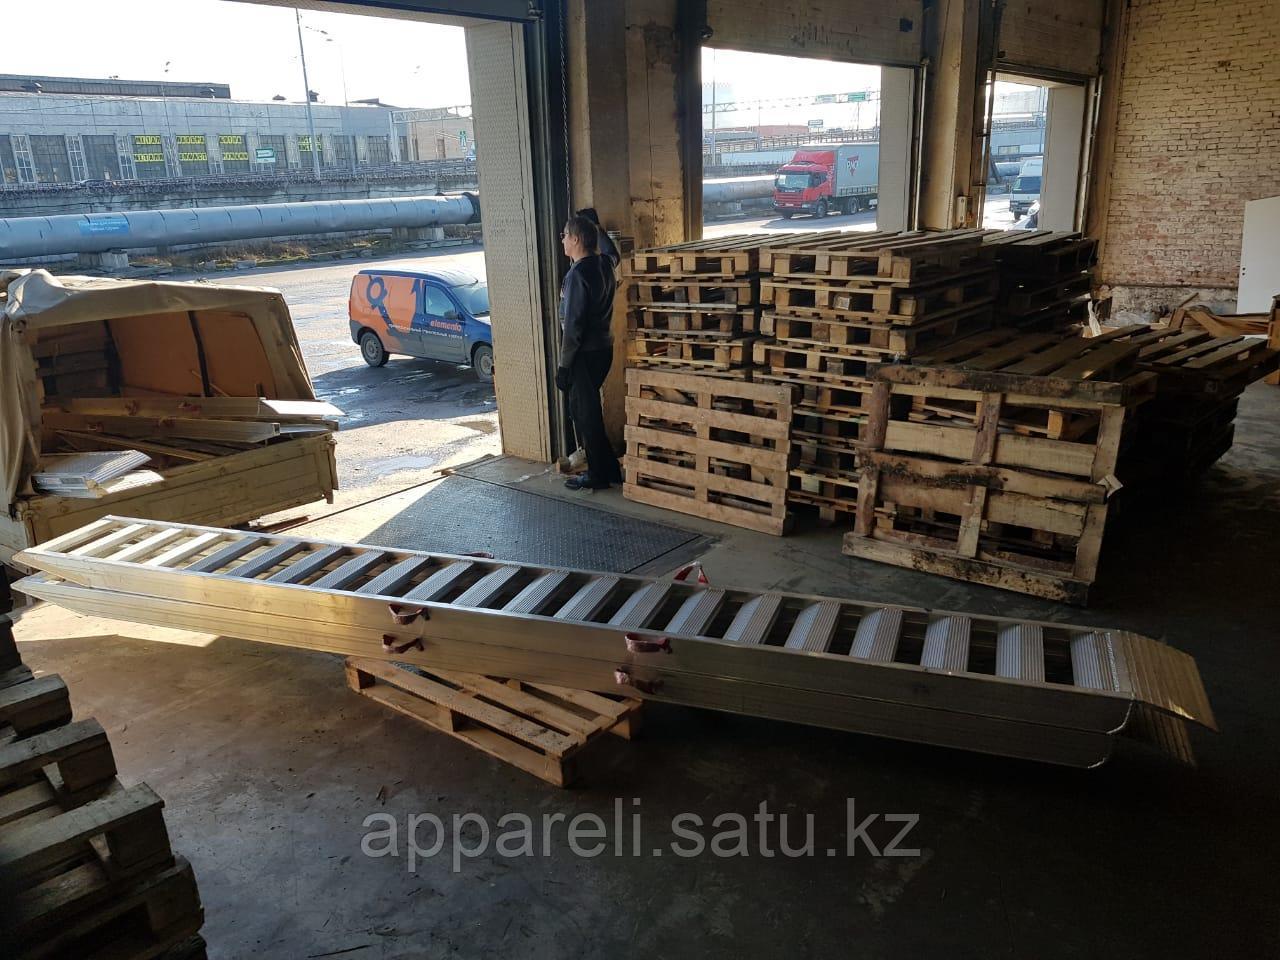 Алюминиевые сходни от производителя (трап, аппарель) 4 метра, 6 тонн